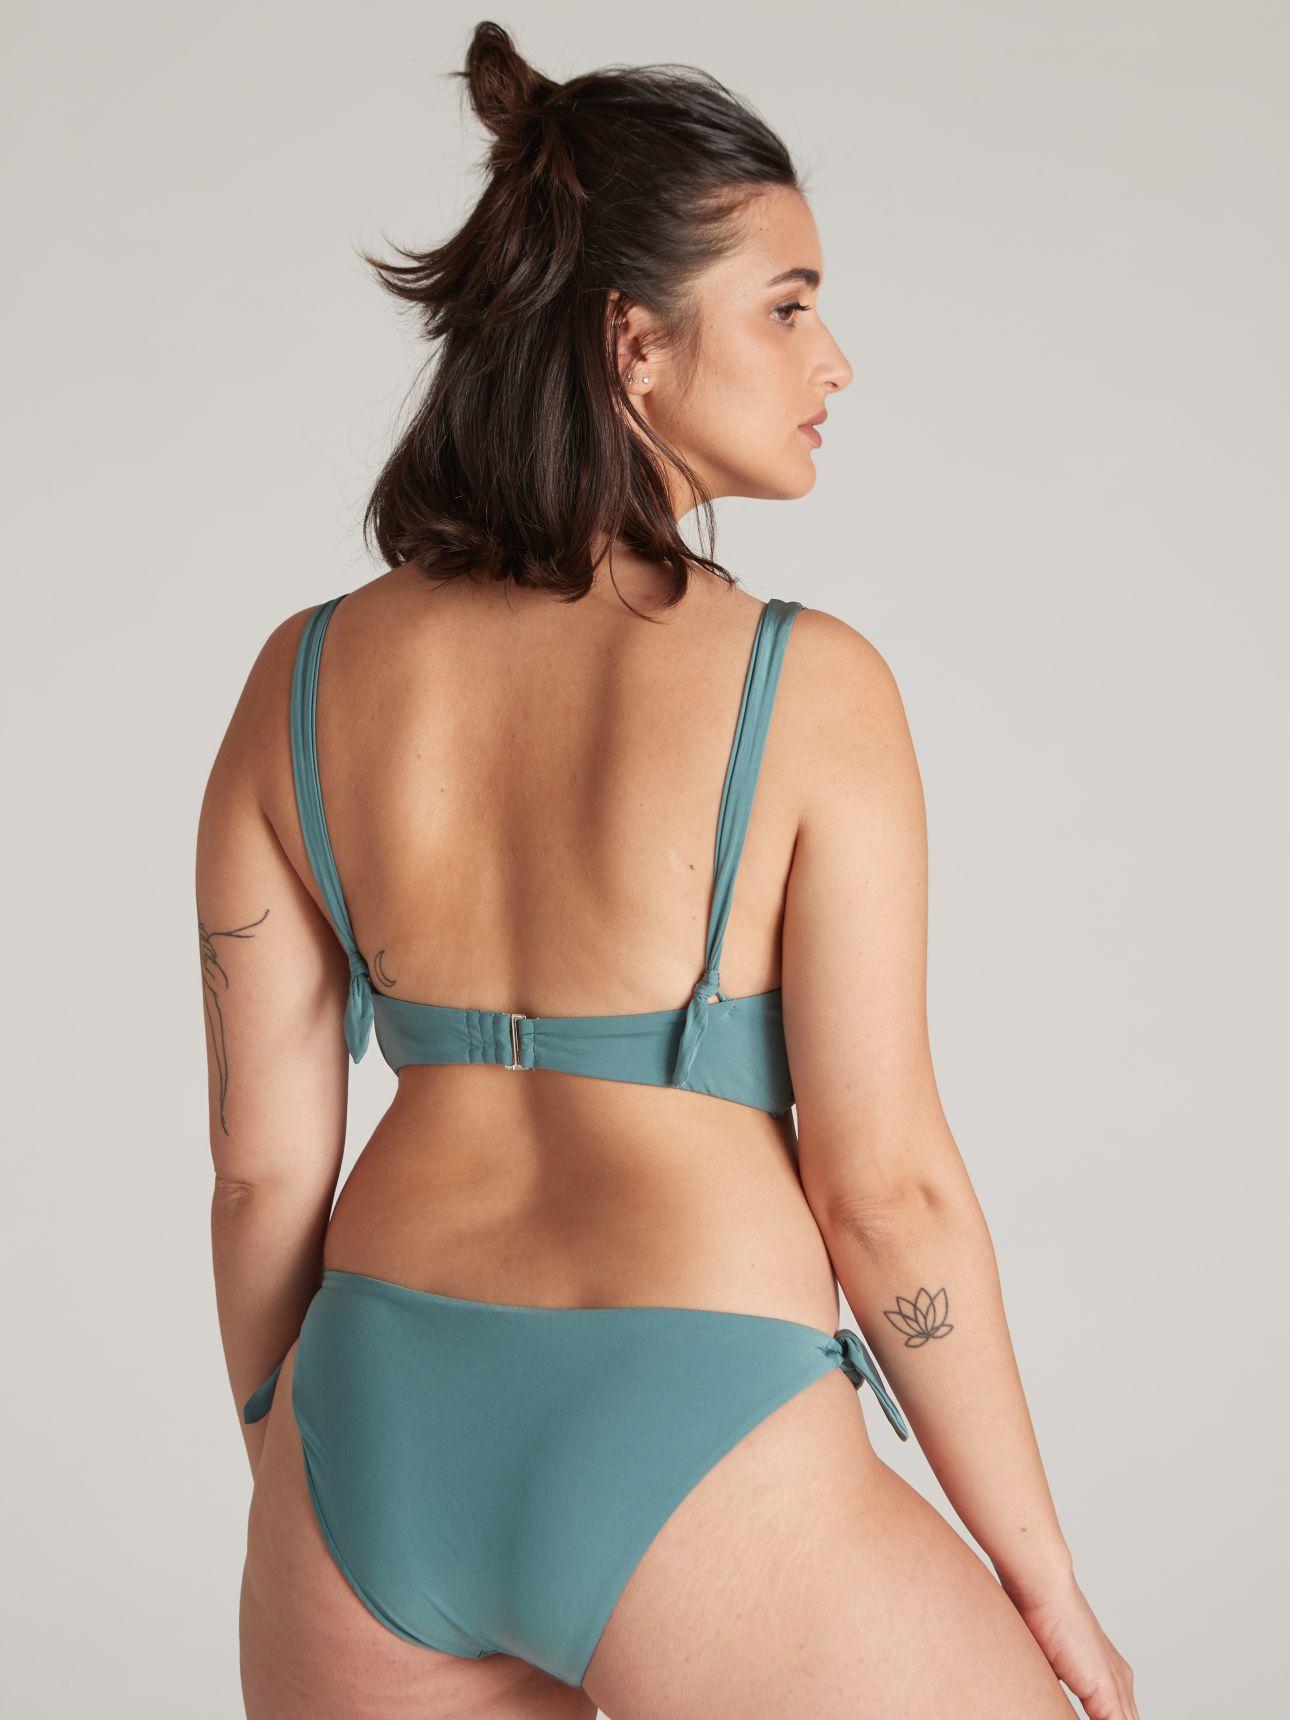 תחתוני בגד ים מיני SUMMER SHINE בצבע סלדין